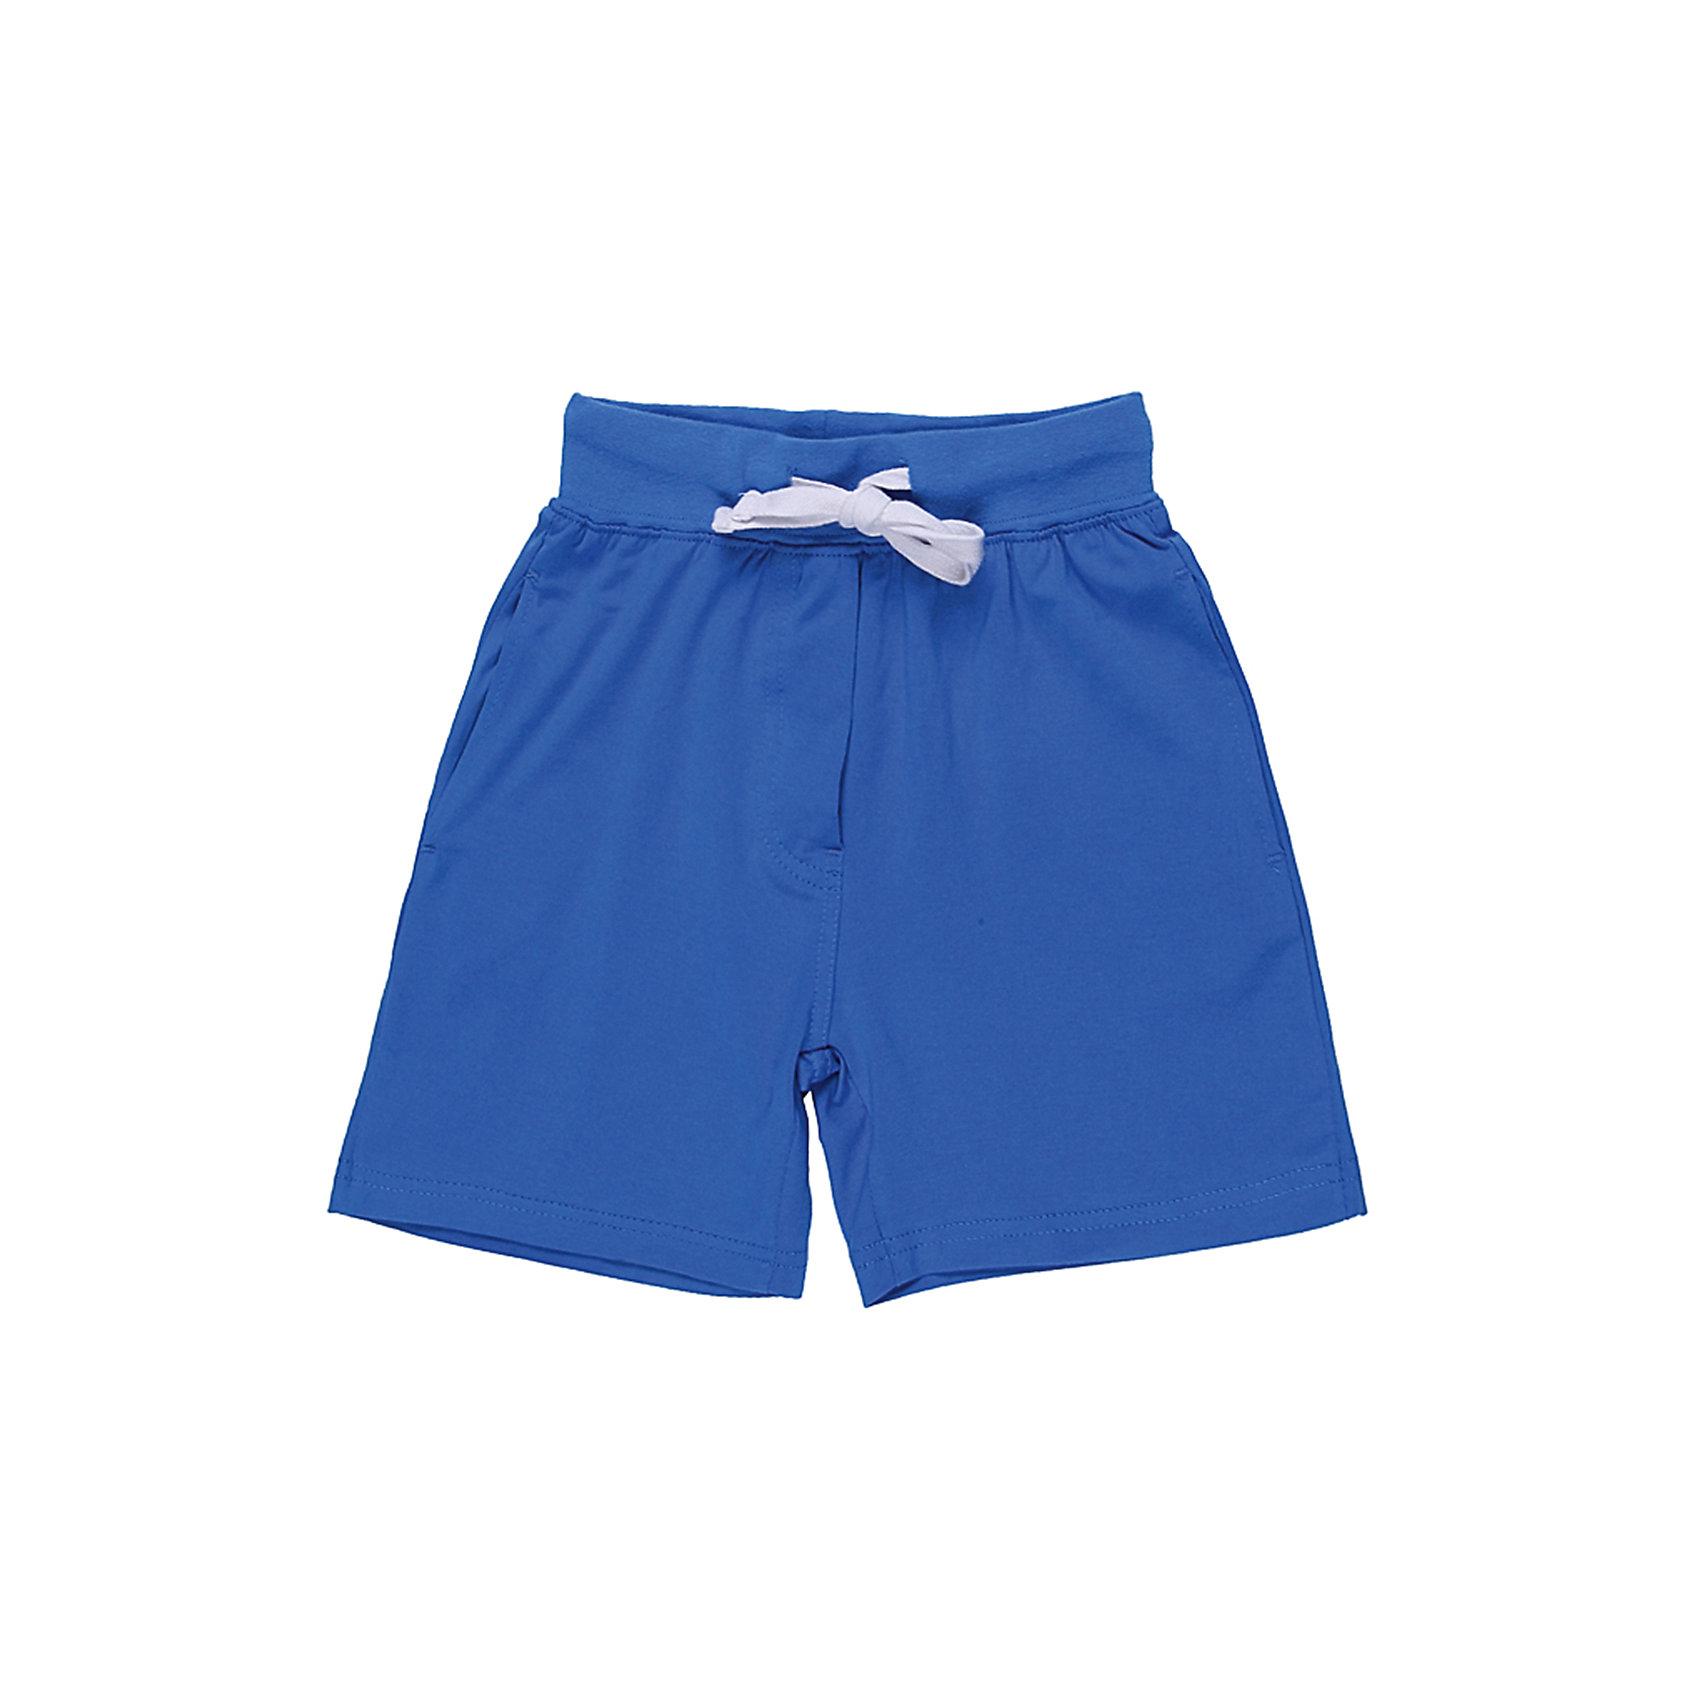 Шорты для мальчика Sweet BerryТрикотажные шорты для мальчика, яркого синего цвета. Пояс с внутренней резинкой и дополнительным хлопковым шнурком.<br>Состав:<br>95% хлопок 5% эластан<br><br>Ширина мм: 191<br>Глубина мм: 10<br>Высота мм: 175<br>Вес г: 273<br>Цвет: синий<br>Возраст от месяцев: 36<br>Возраст до месяцев: 48<br>Пол: Мужской<br>Возраст: Детский<br>Размер: 104,98,122,110,116,128<br>SKU: 4523020